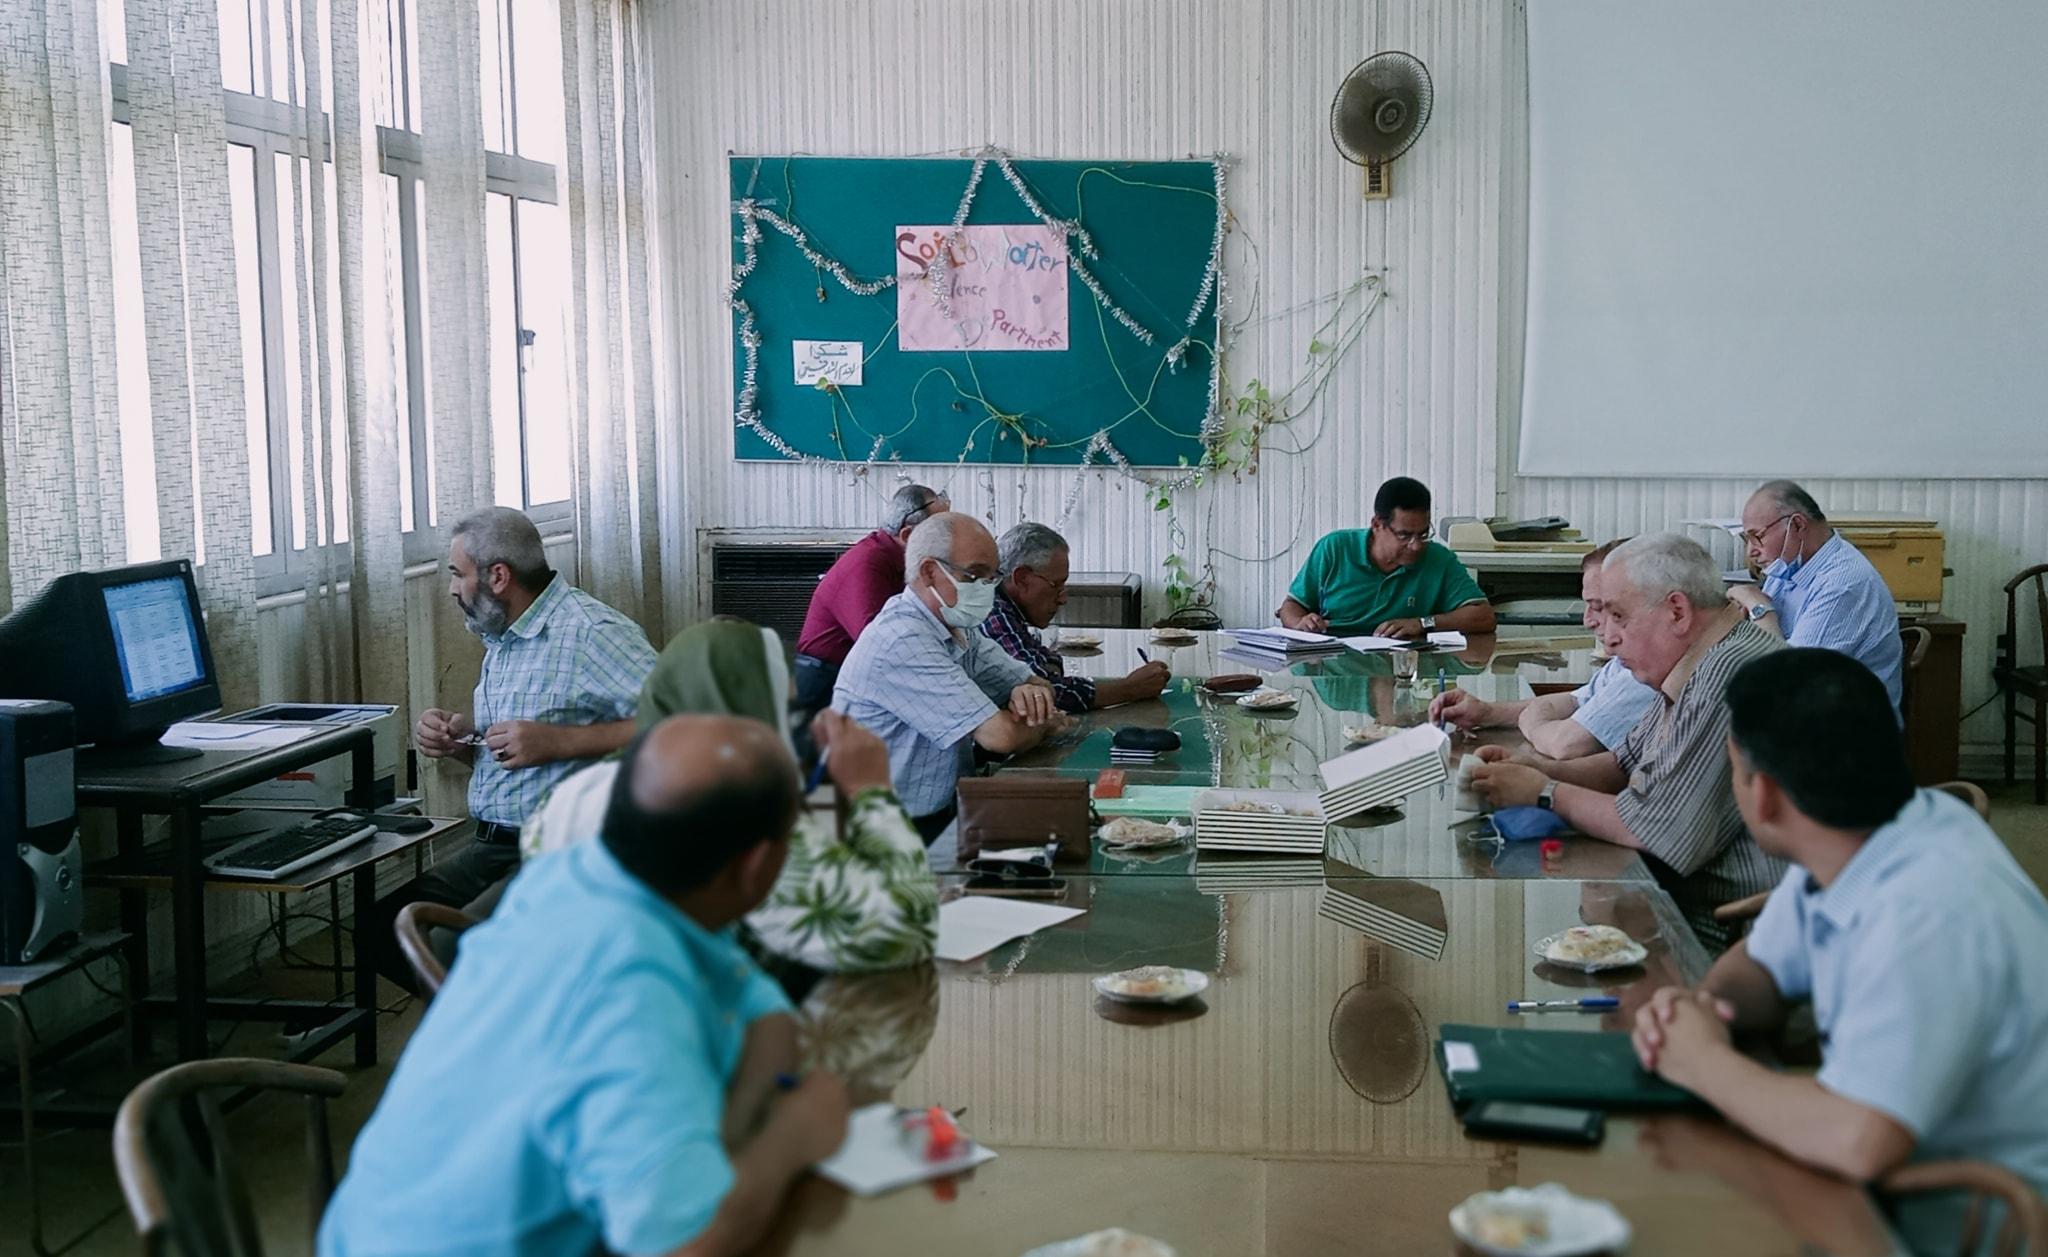 جانب من الإجتماع الدوري لشهر يوليو2021 لقسم الأراضي والمياه برئاسة الأستاذ الدكتور عبد الغني عبد الحليم ، وبحضور السادة أعضاء هيئة التدريس بالقسم